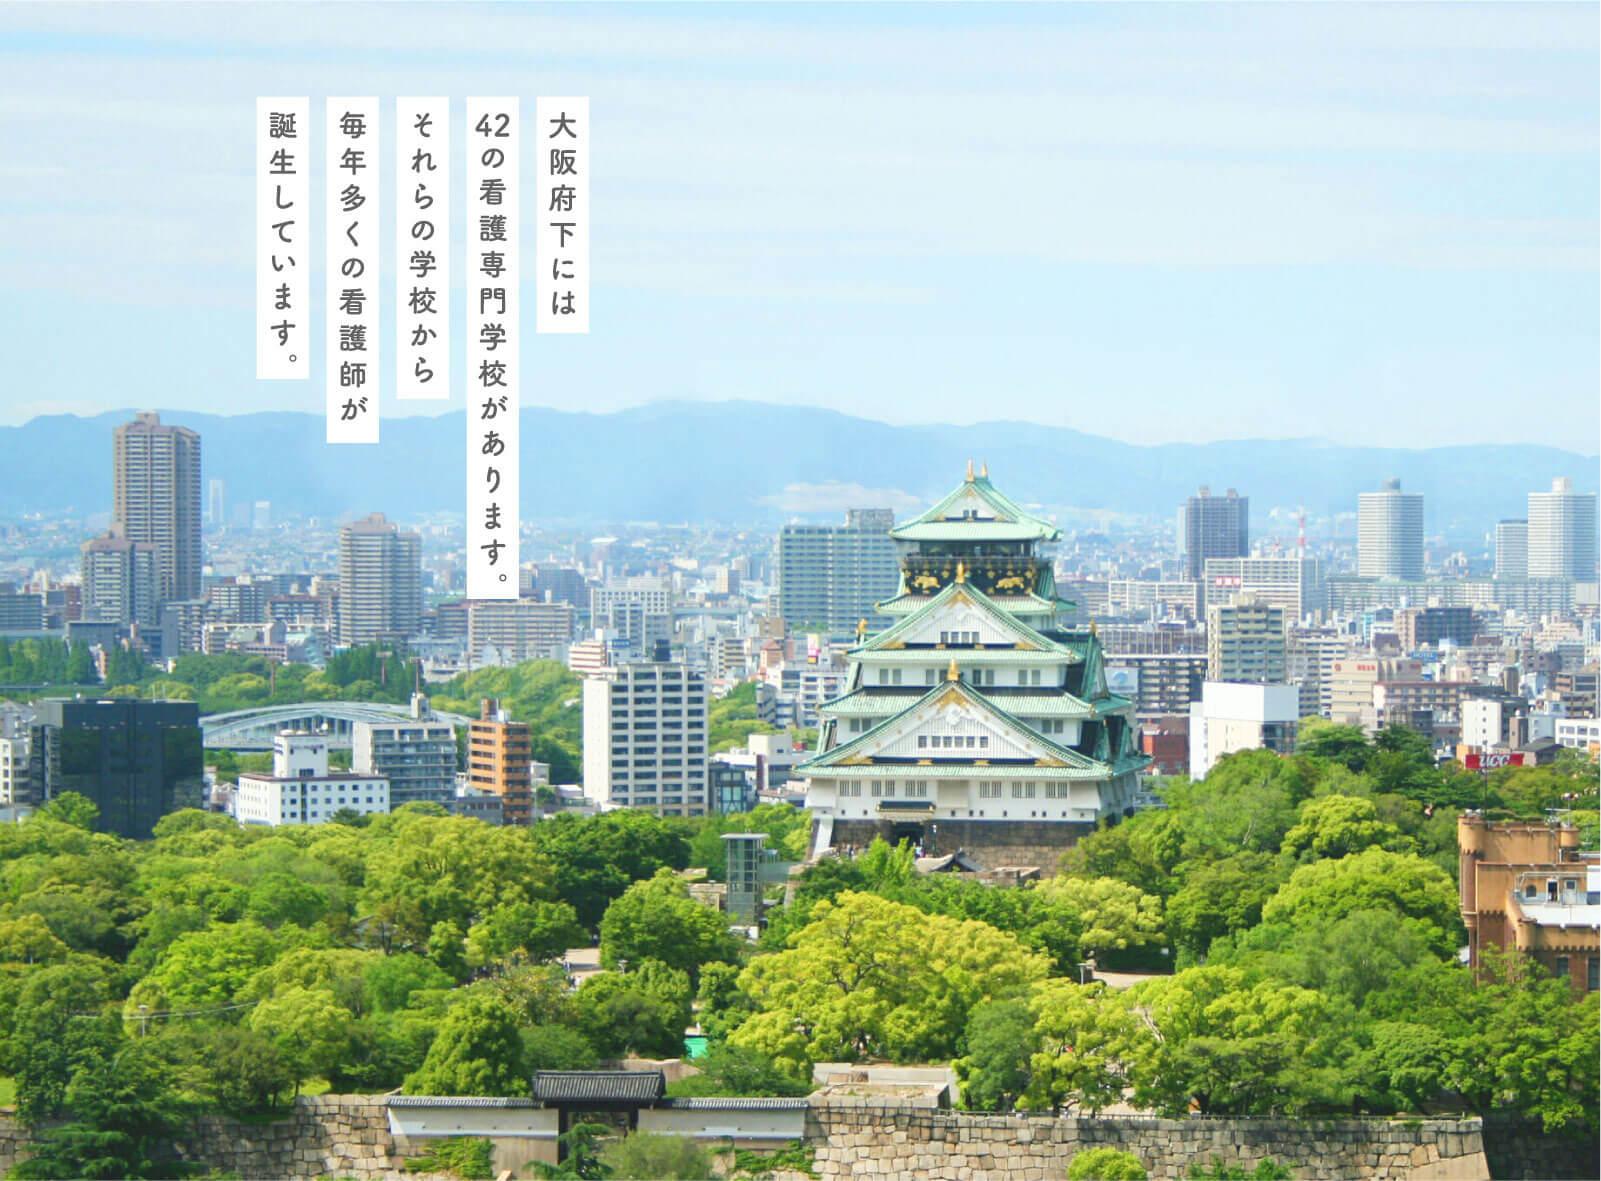 大阪府下には41の看護専門学校があります。それらの学校から毎年多くの看護師が誕生しています。